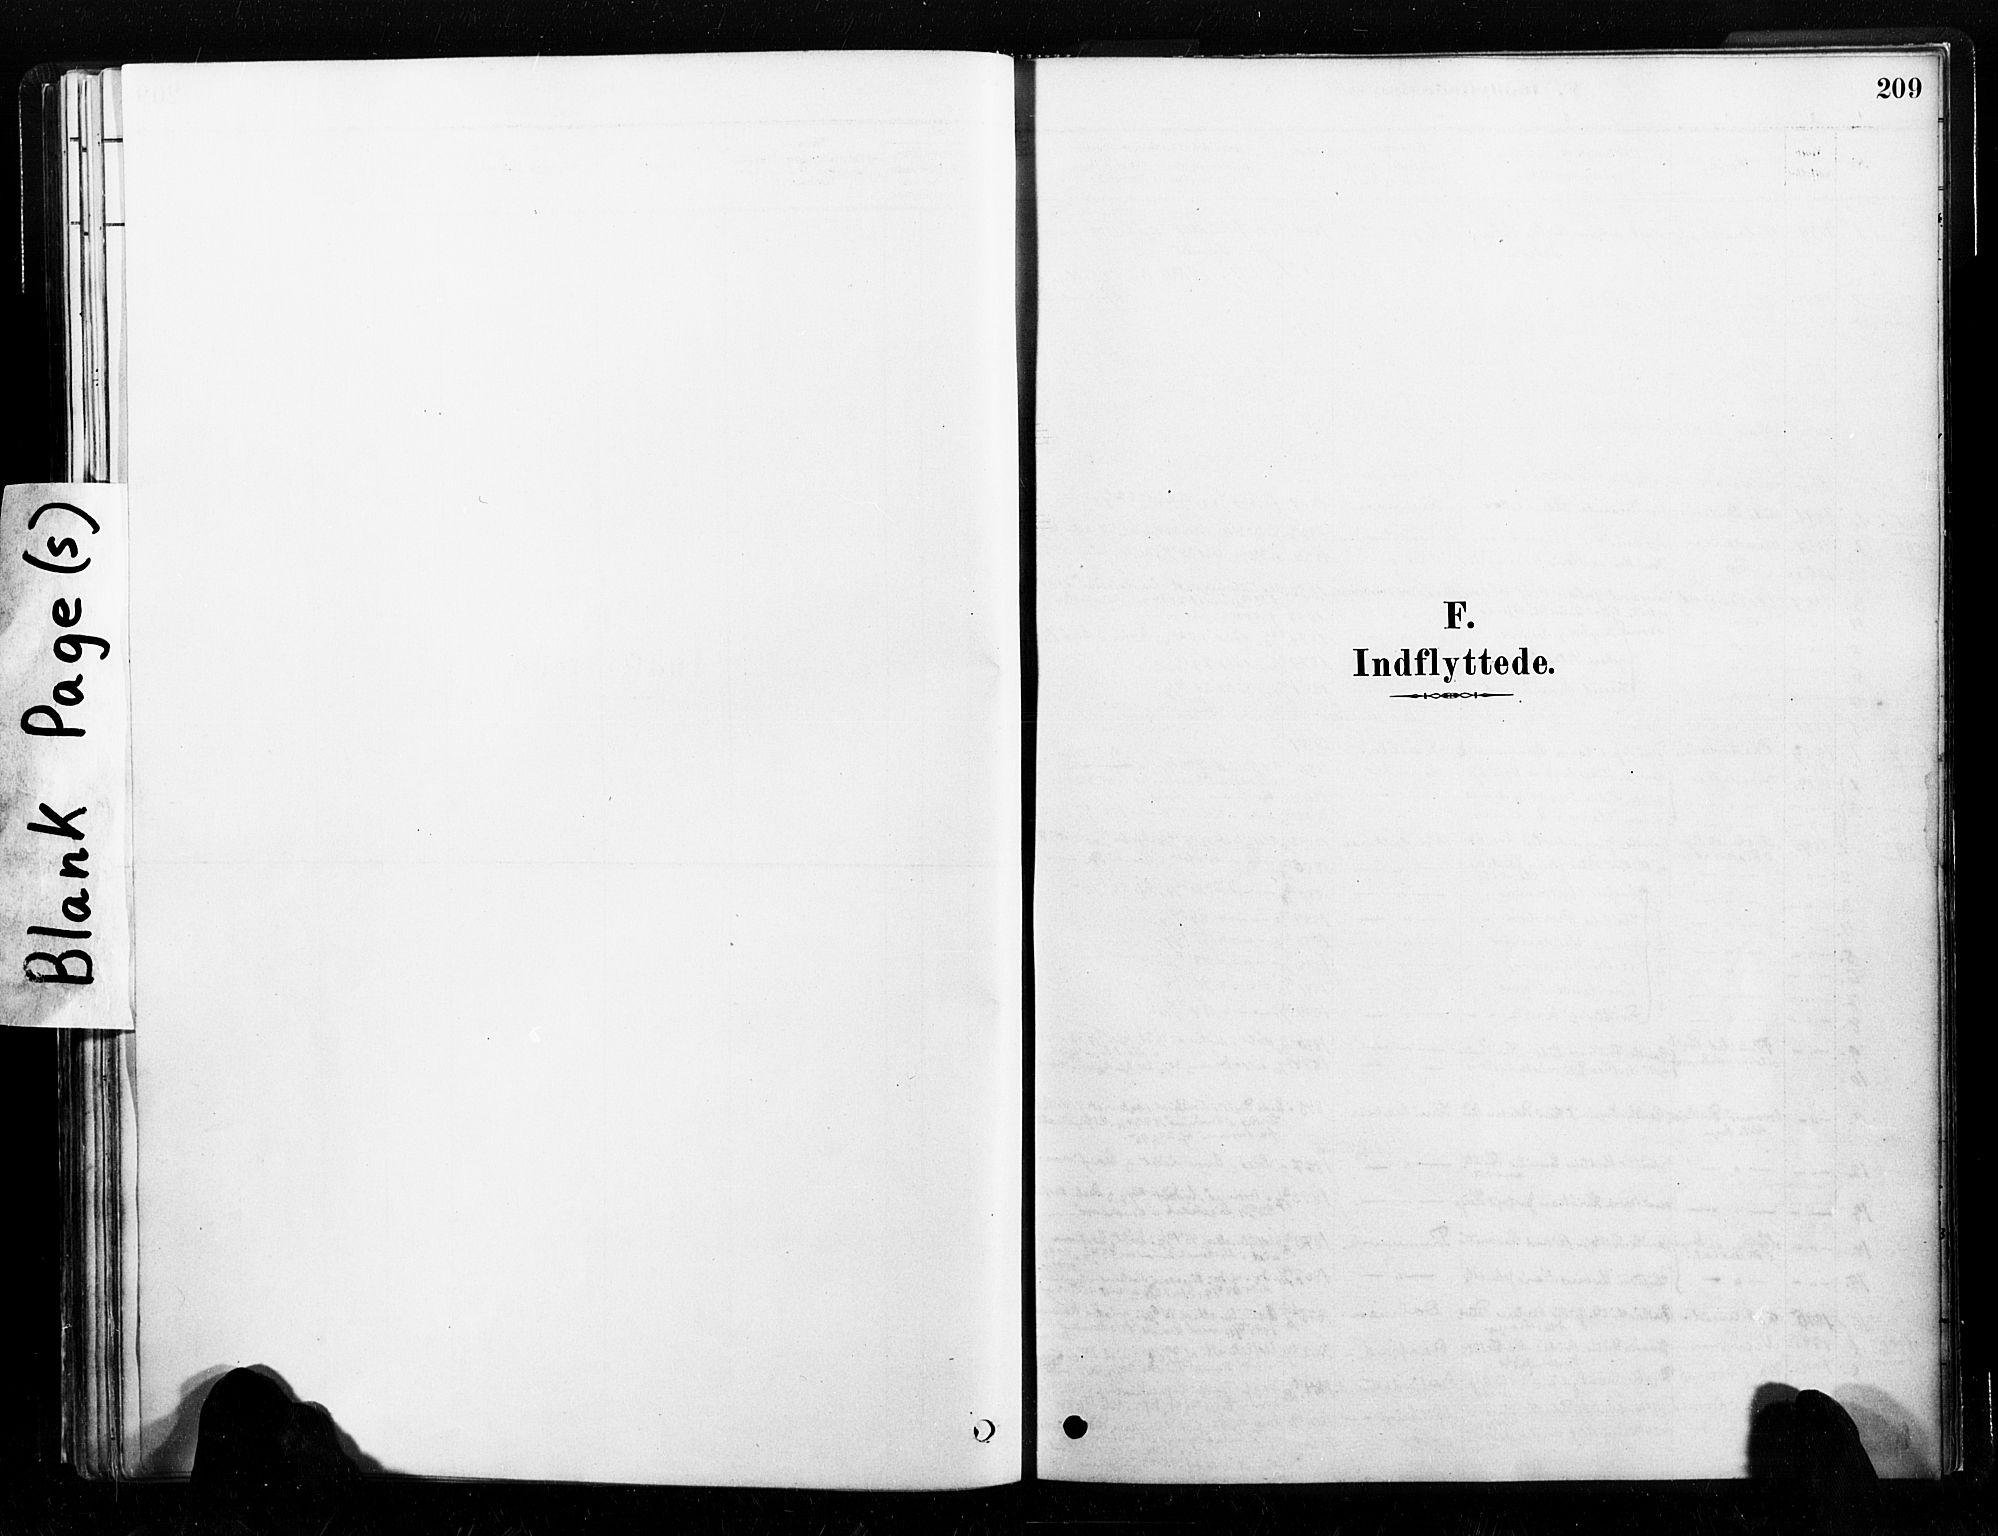 SAT, Ministerialprotokoller, klokkerbøker og fødselsregistre - Nord-Trøndelag, 789/L0705: Ministerialbok nr. 789A01, 1878-1910, s. 209